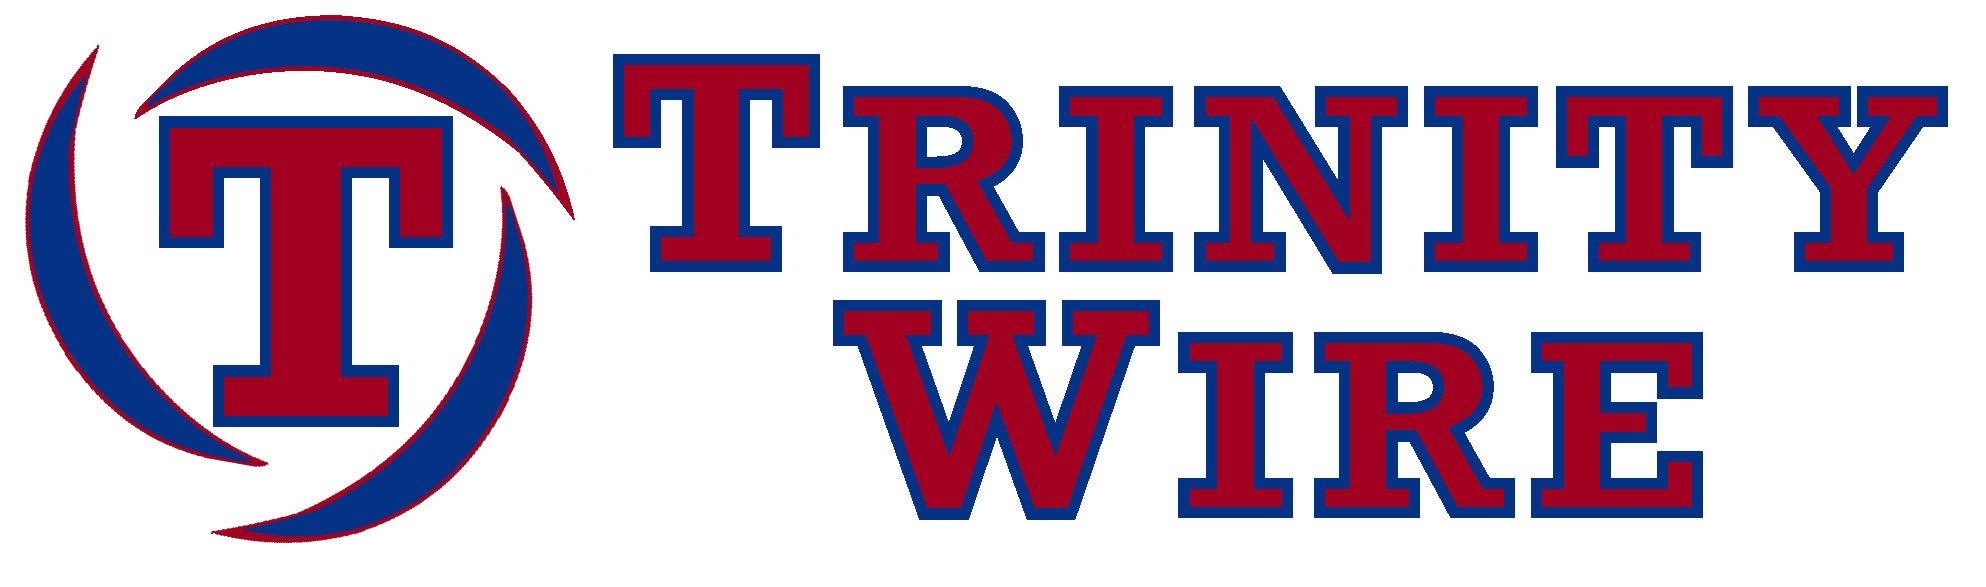 Trinitywire logo